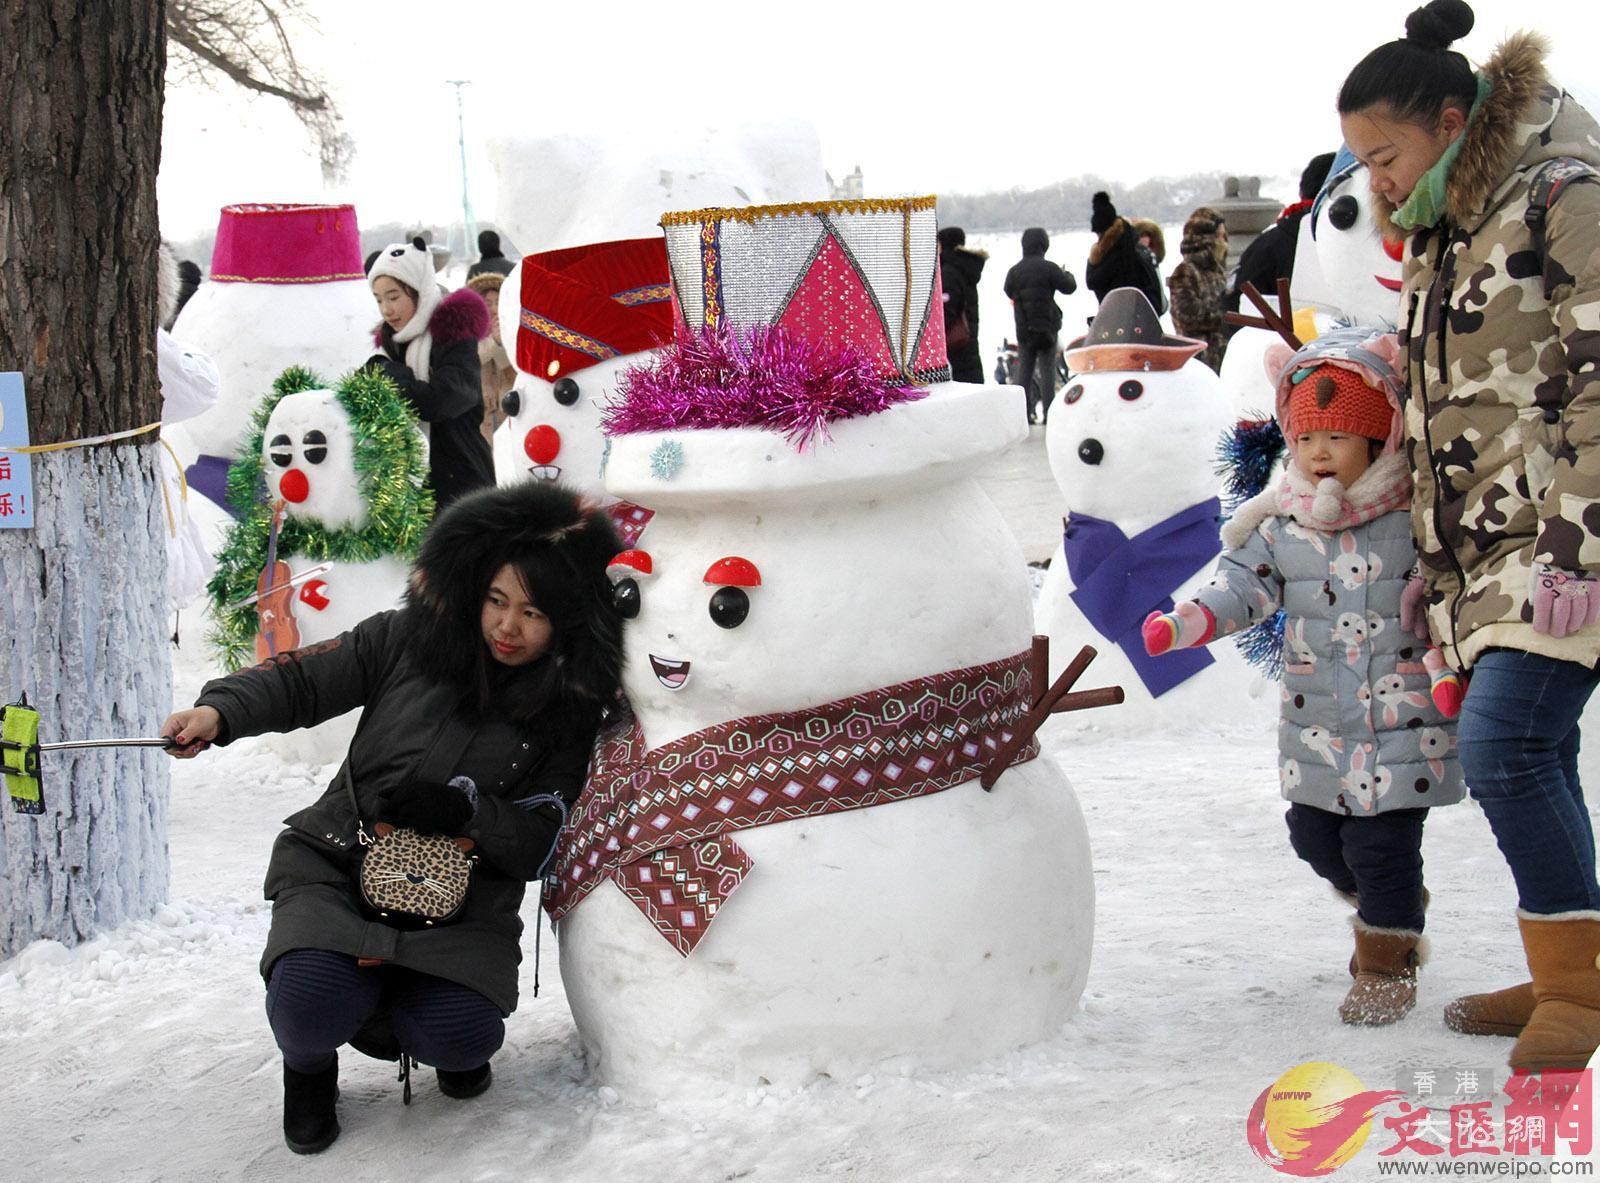 雪人、豬年生肖、吉祥物等各類雪雕雕塑形成「雪人大觀」(于海江 攝)